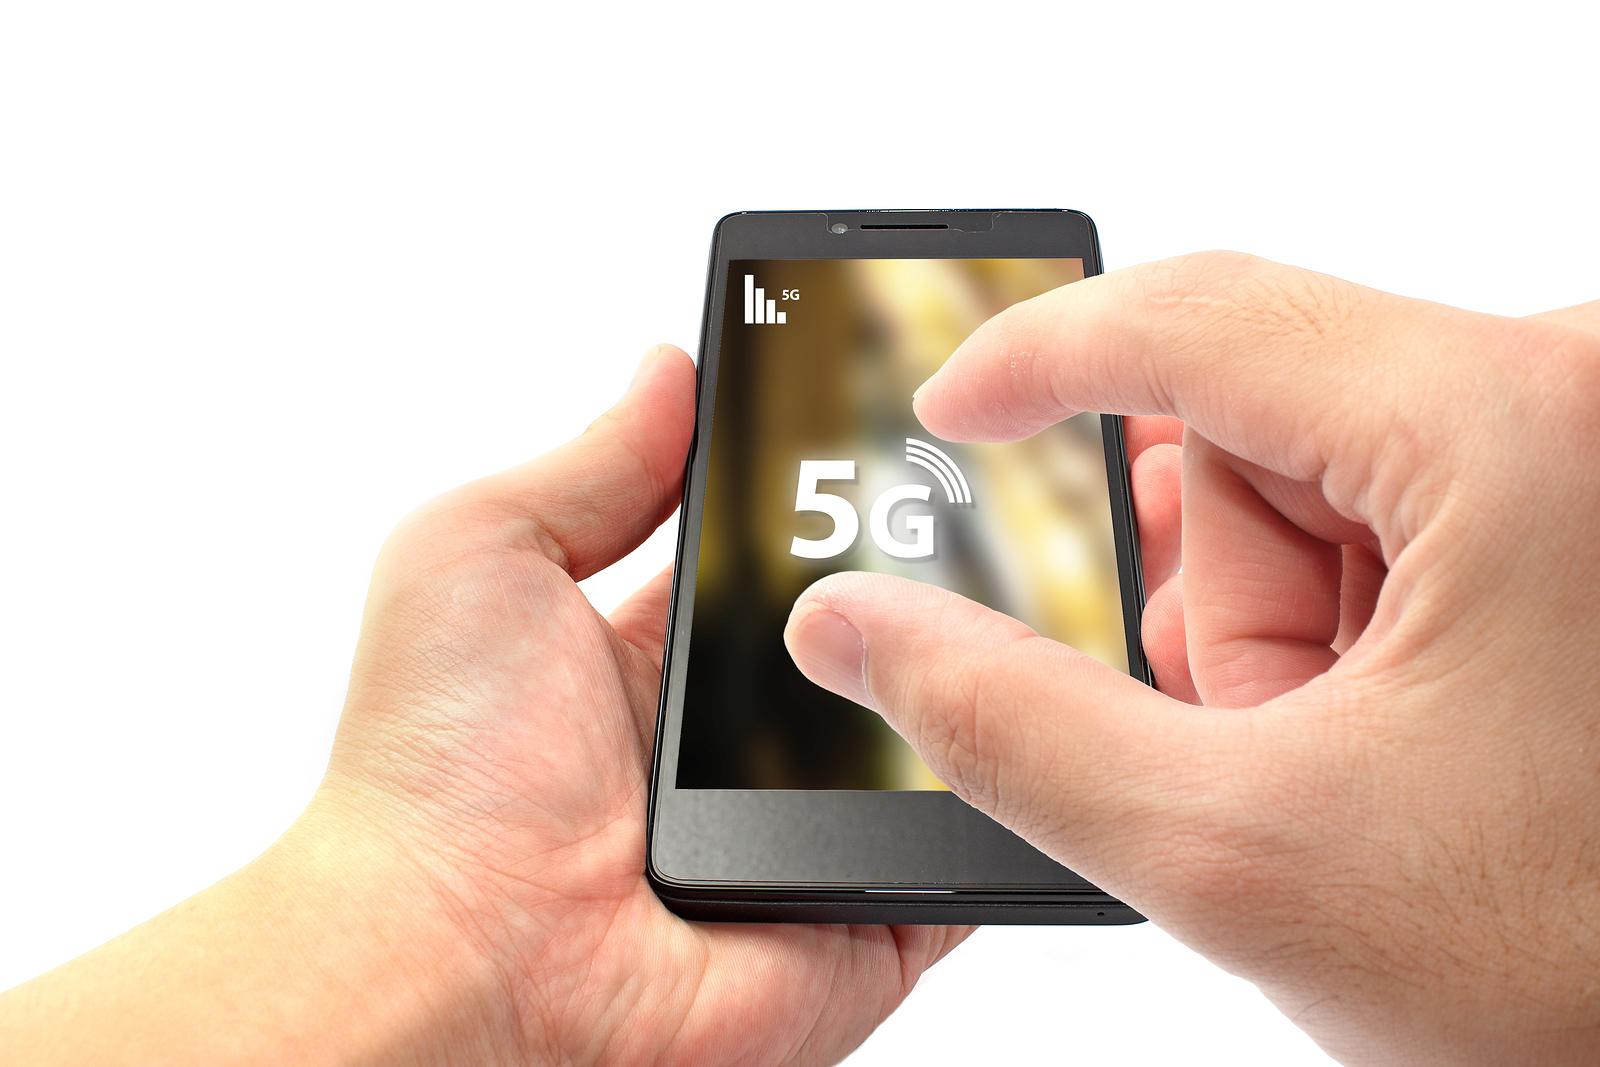 Kết quả hình ảnh cho 5G smartphone